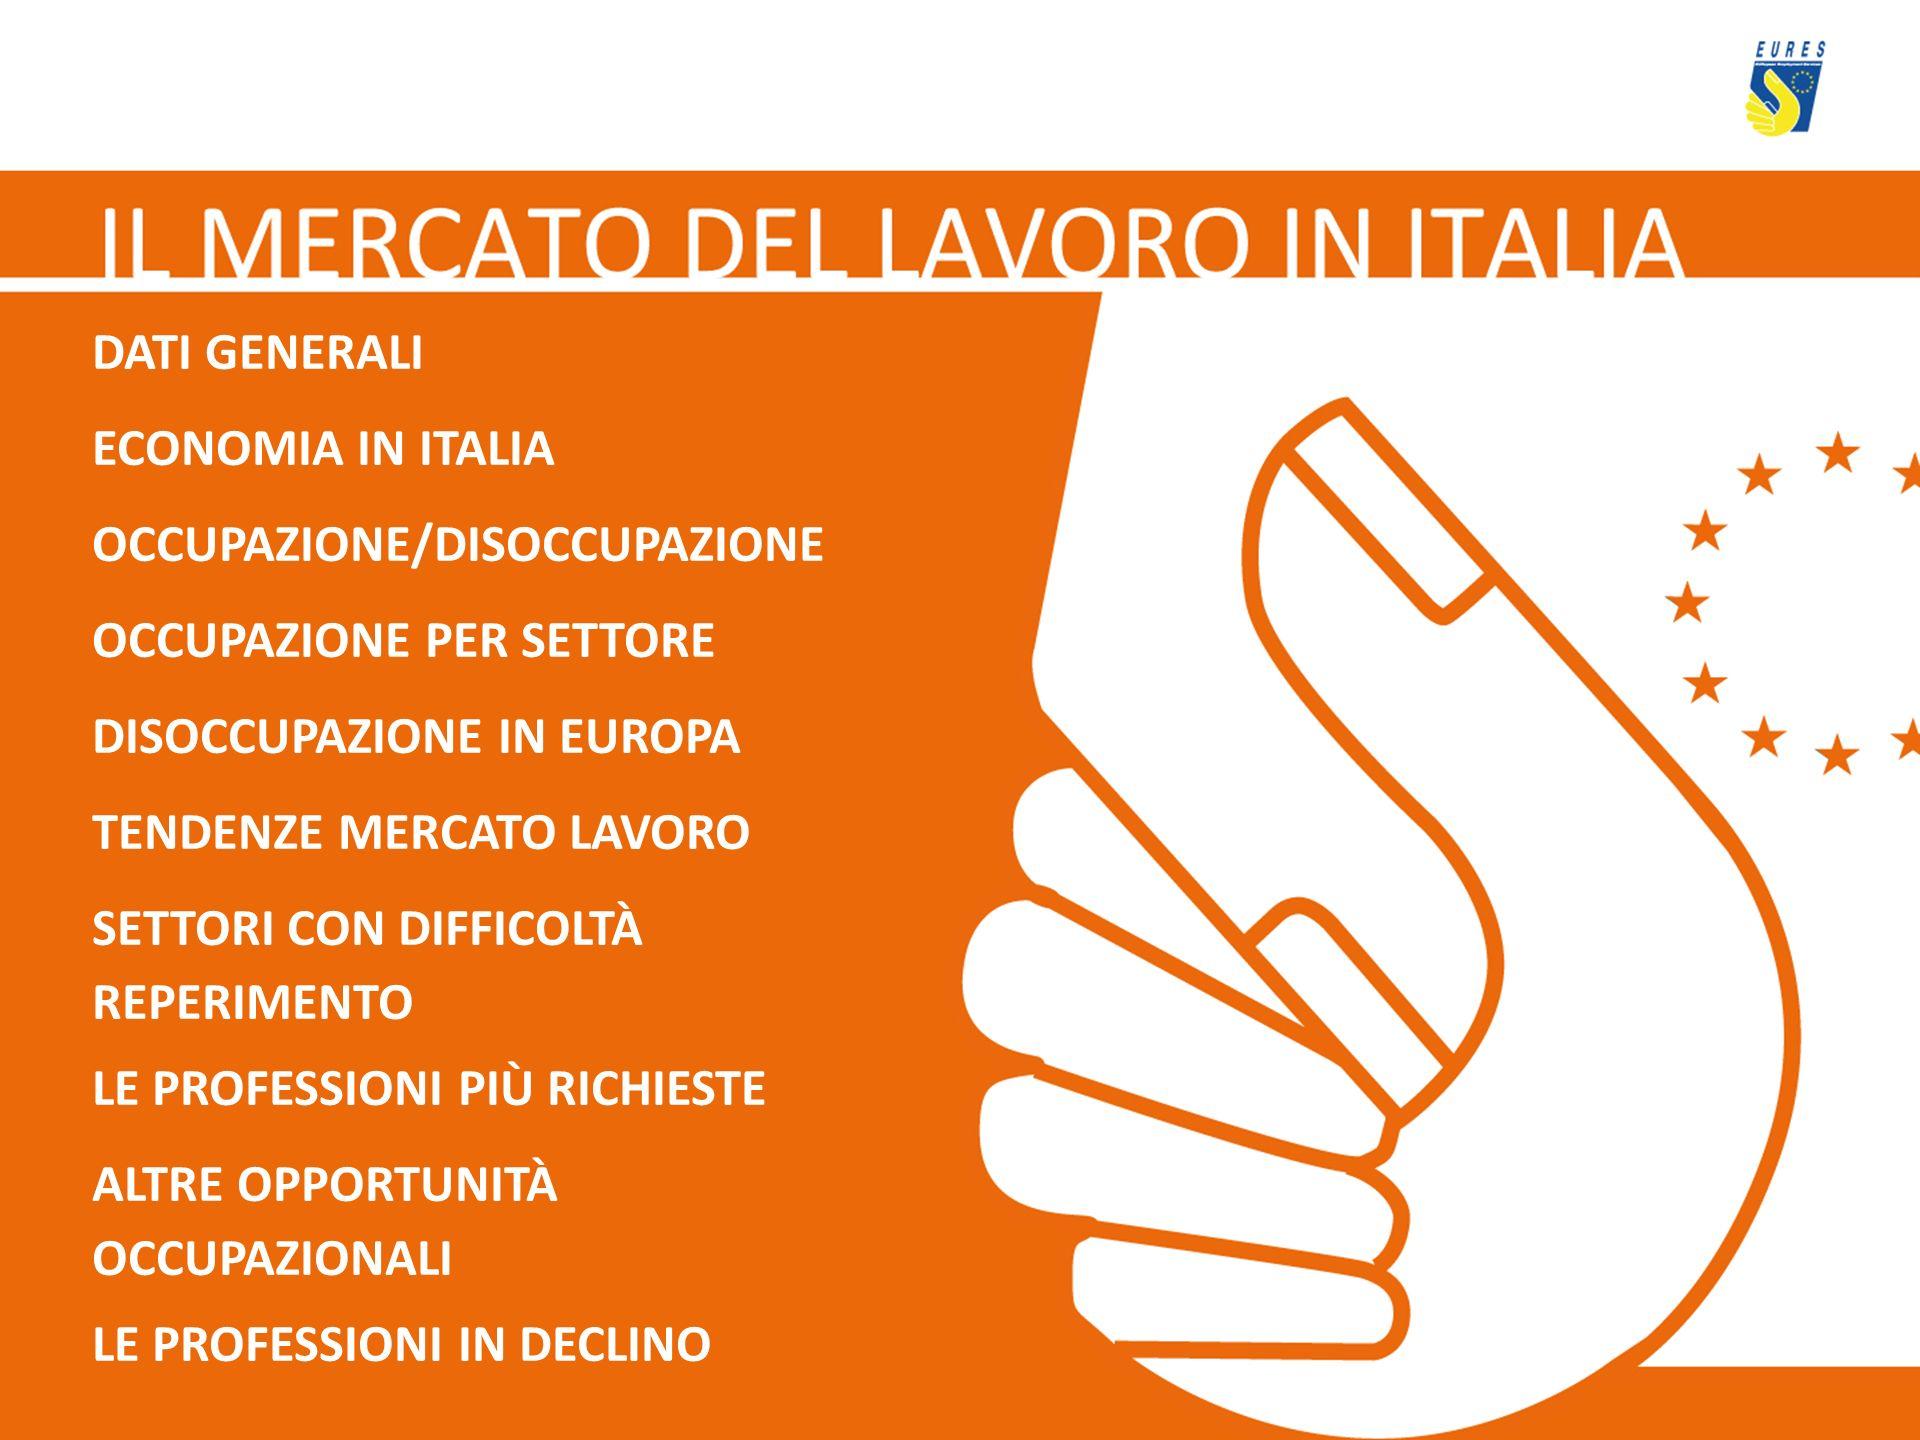 DATI GENERALI ECONOMIA IN ITALIA OCCUPAZIONE/DISOCCUPAZIONE OCCUPAZIONE PER SETTORE DISOCCUPAZIONE IN EUROPA TENDENZE MERCATO LAVORO SETTORI CON DIFFI